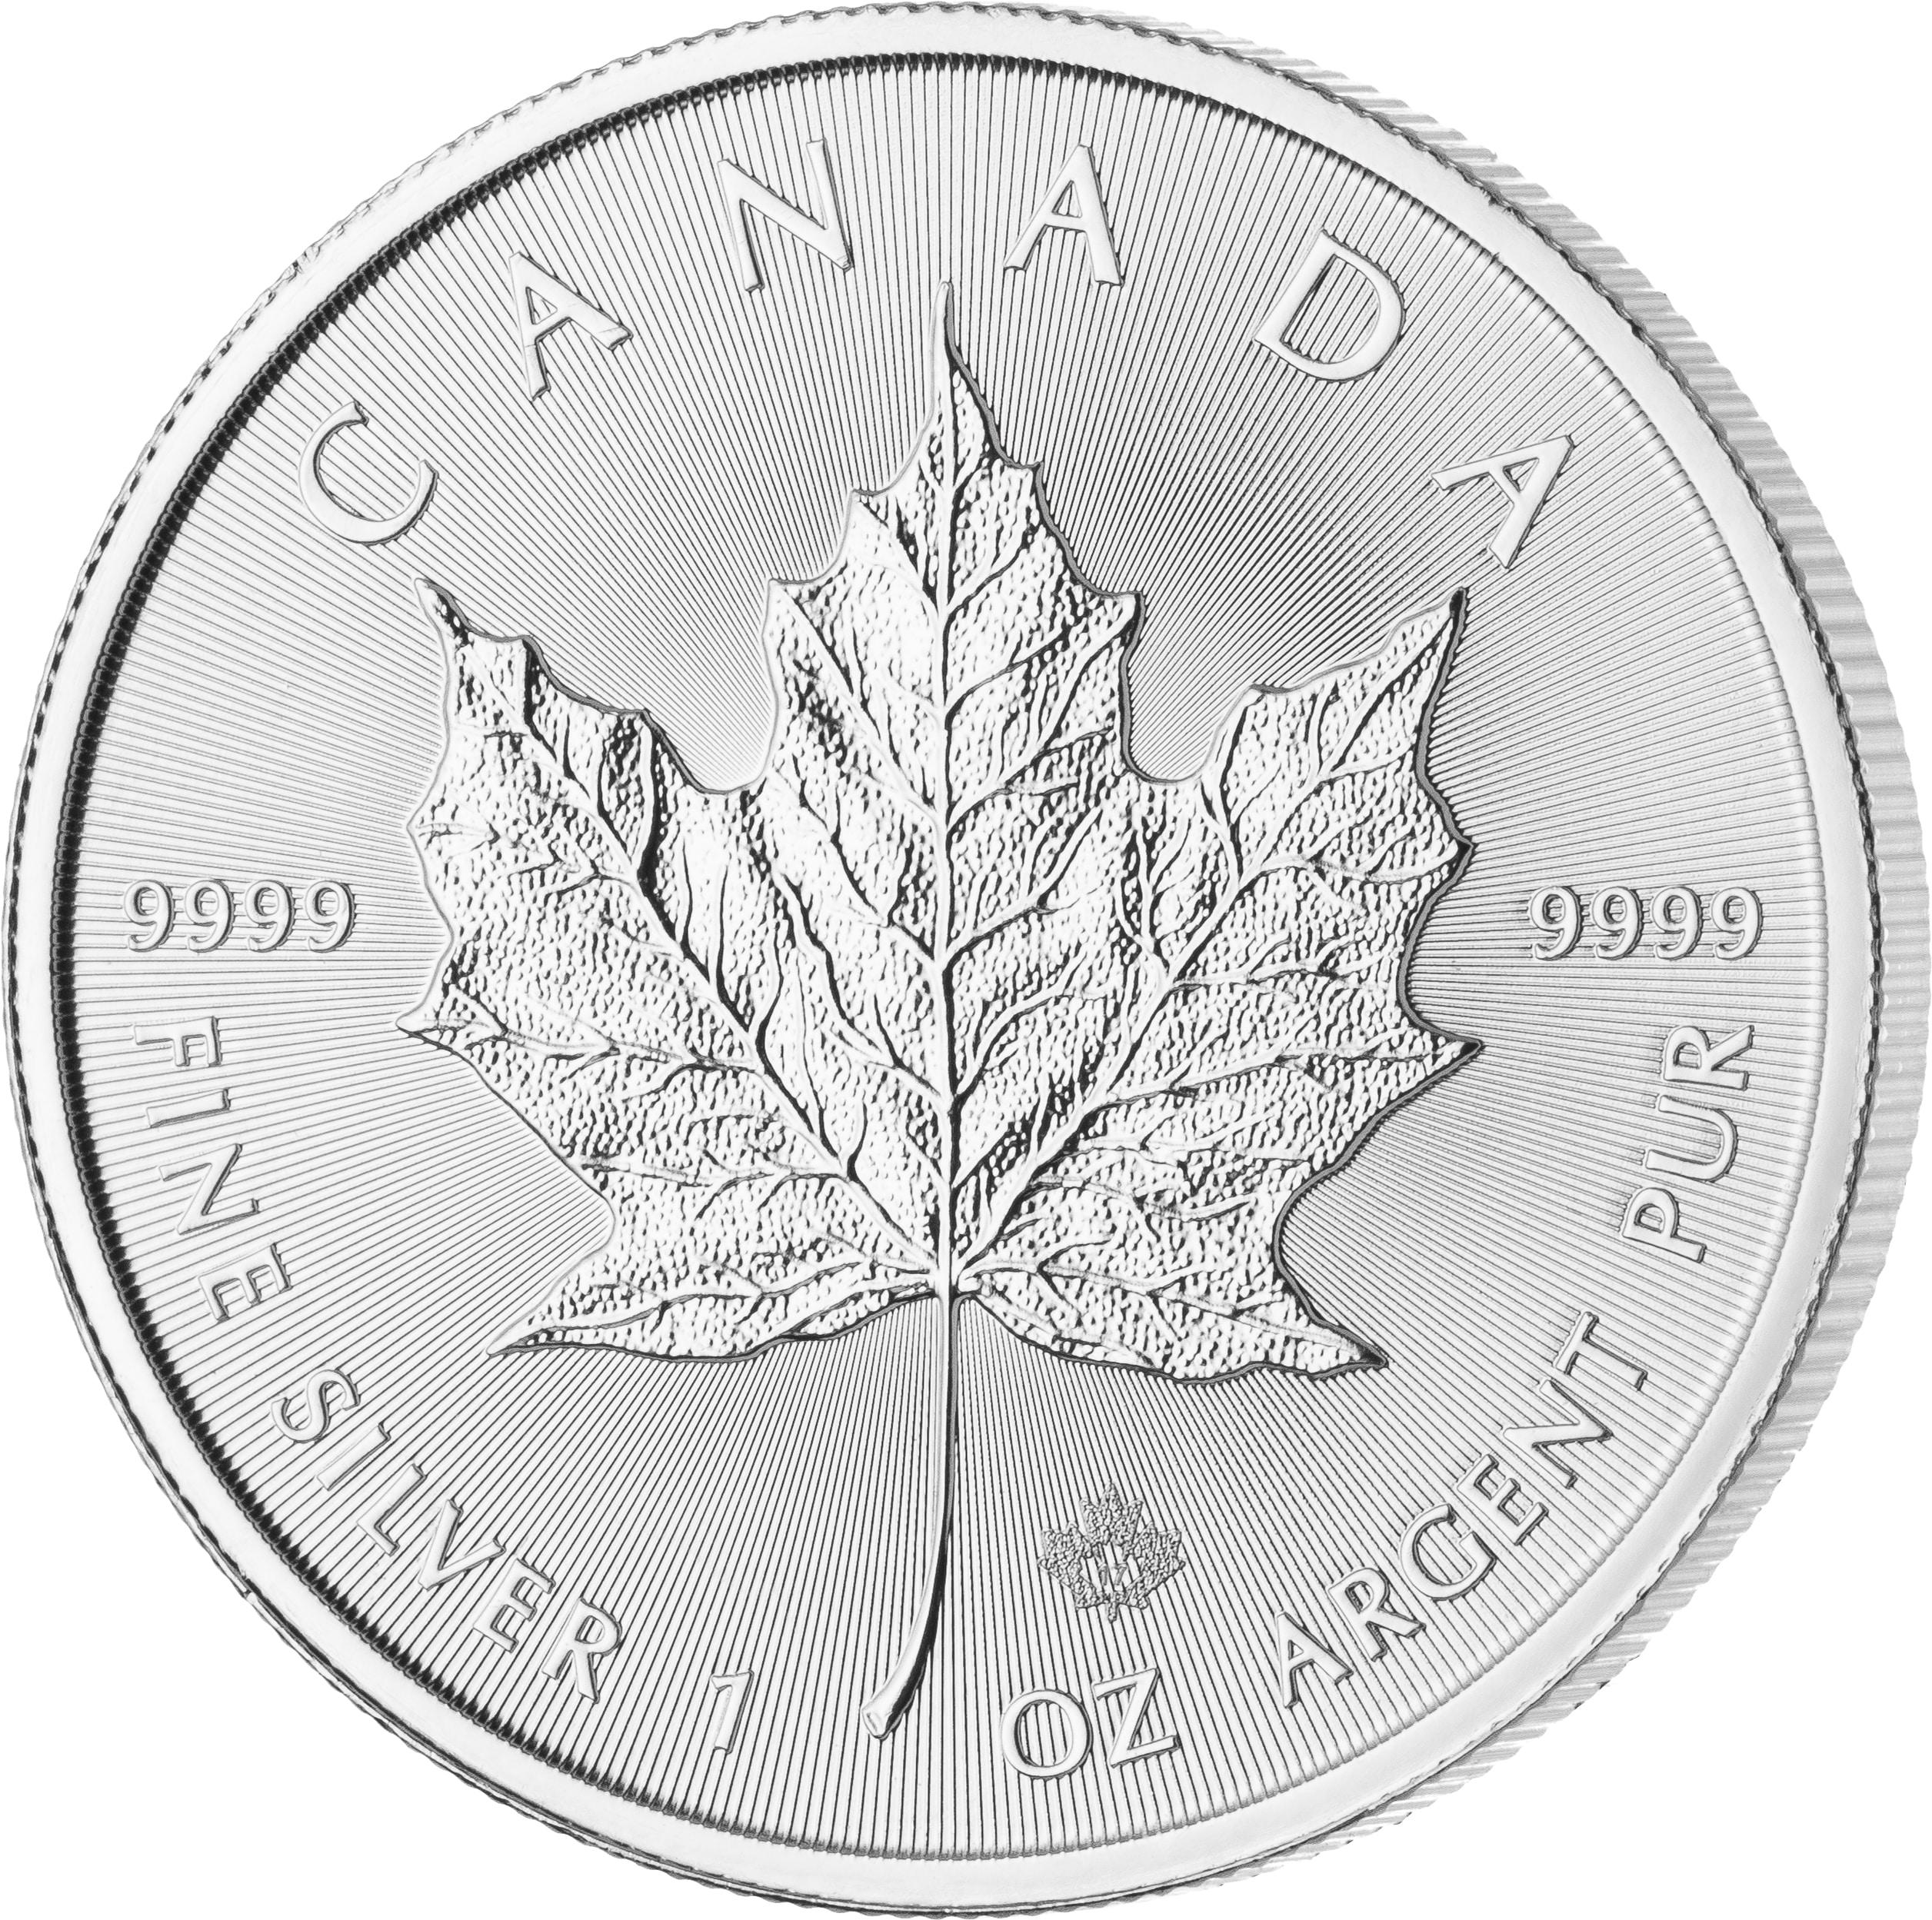 1 Unze Maple Leaf Silbermünze Vorderseite